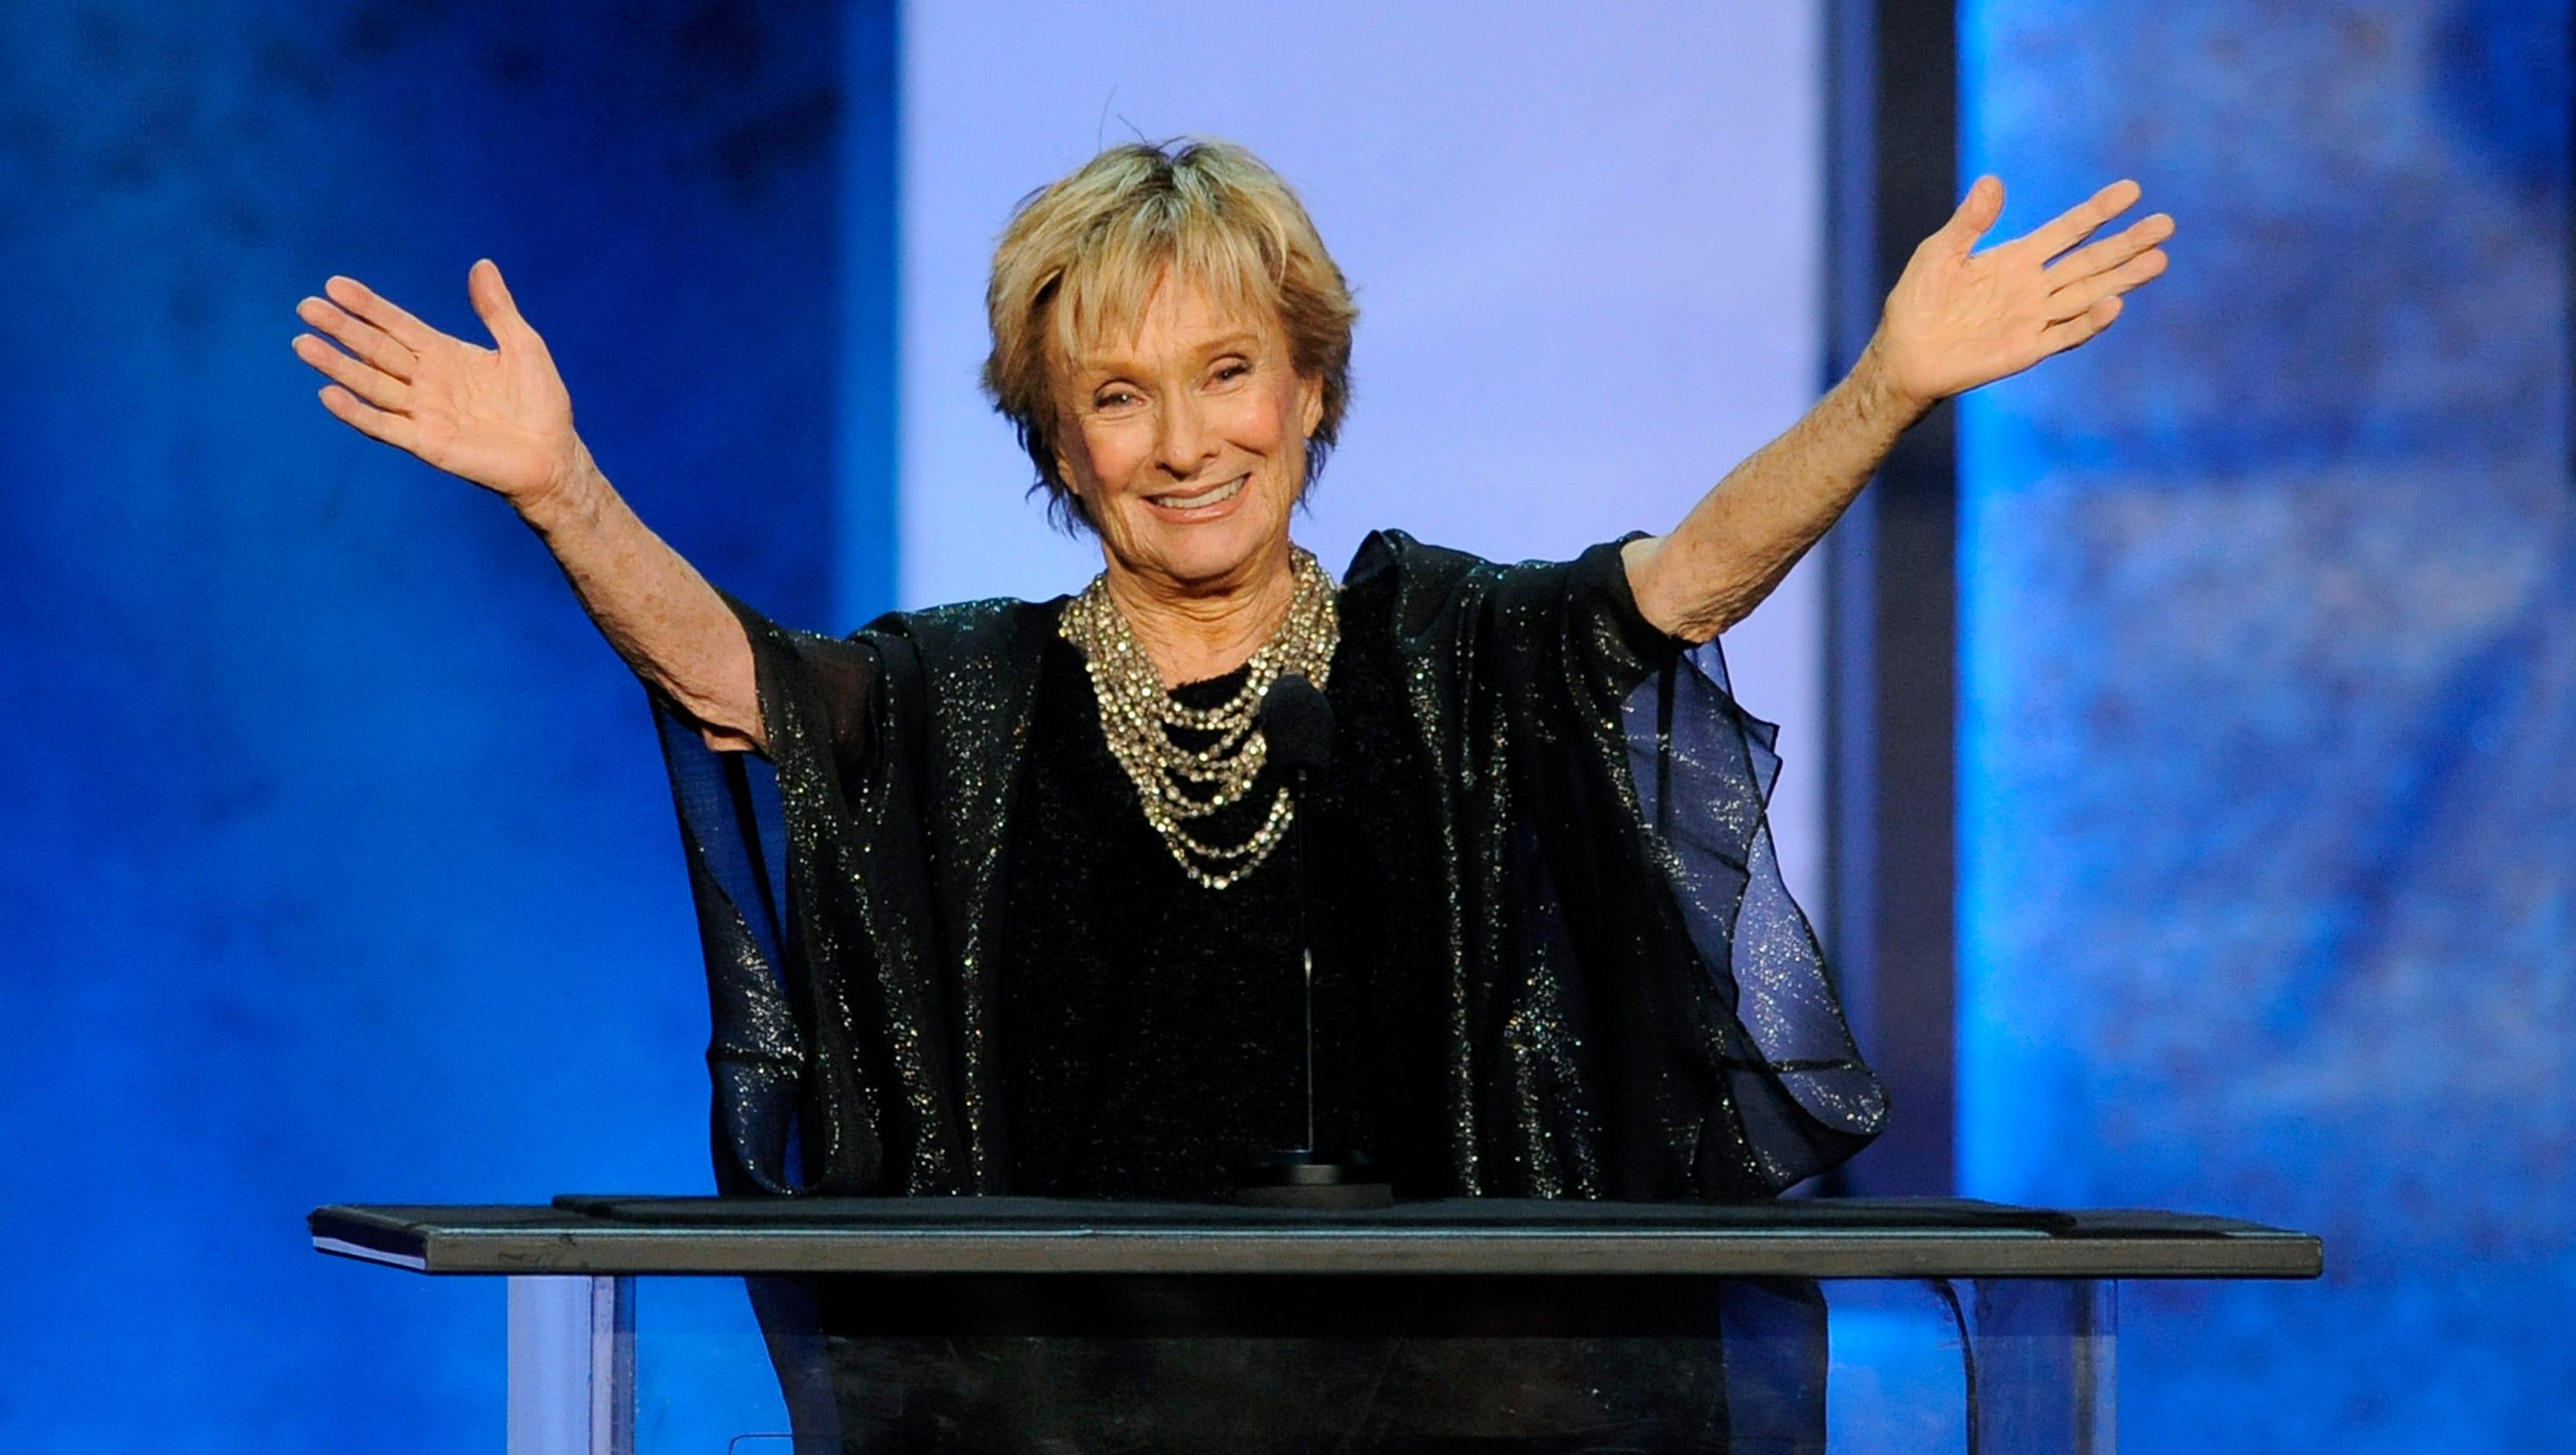 Cloris Leachman, beloved as TV's 'Mary Tyler Moore Show' neighbor Phyllis, dies at 94